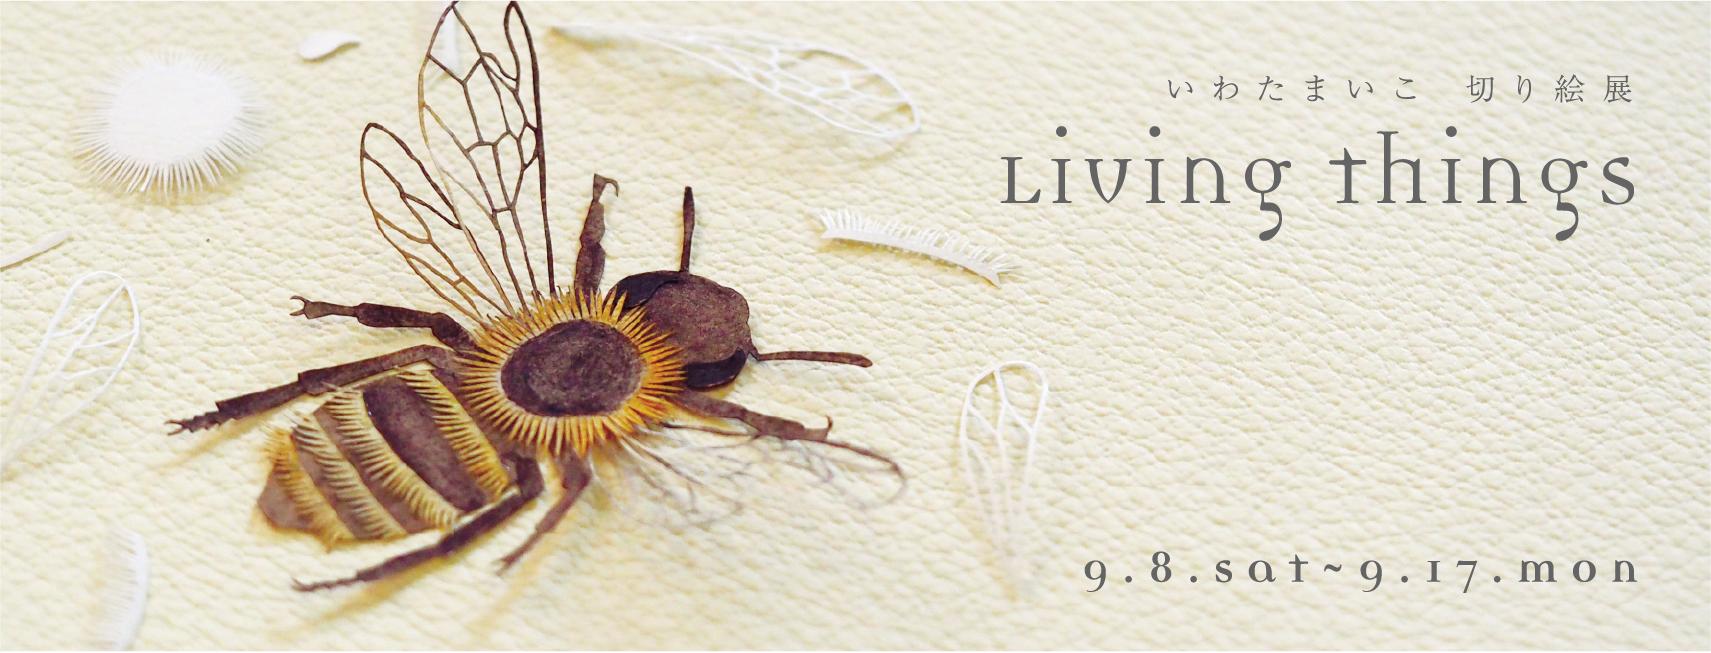 いわたまいこ個展 『Living things』